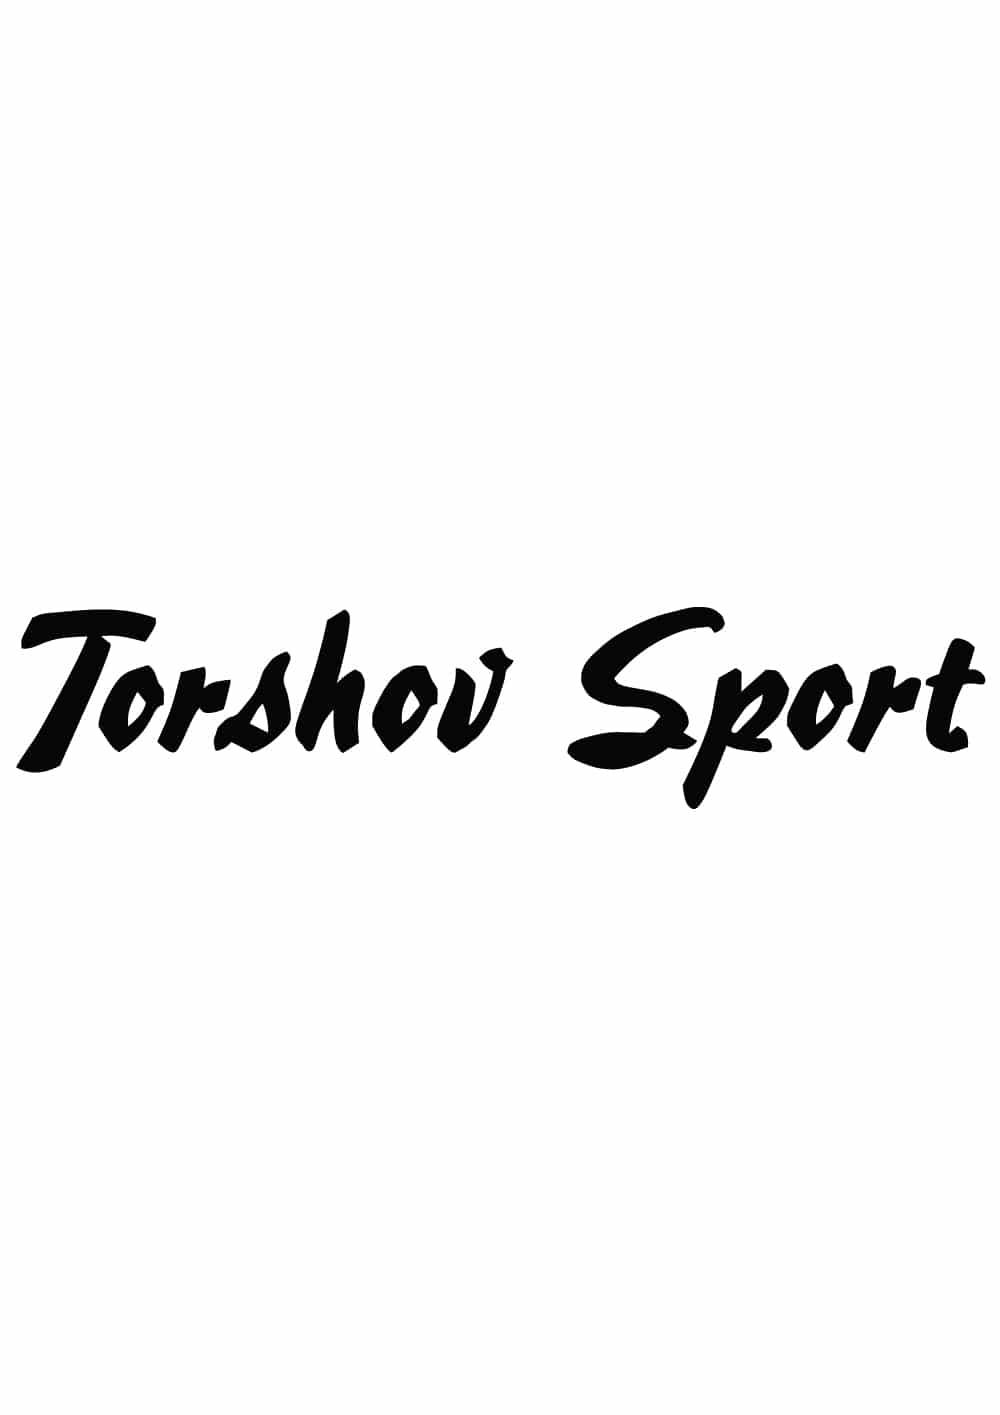 462bd20c restaurantbilde. 55336900; Gå til hjemmesiden · Send epost; Valkendorfsgate  5. byGAVEKORT kan brukes på Torshov Sport Bergen Fotball og Løp.